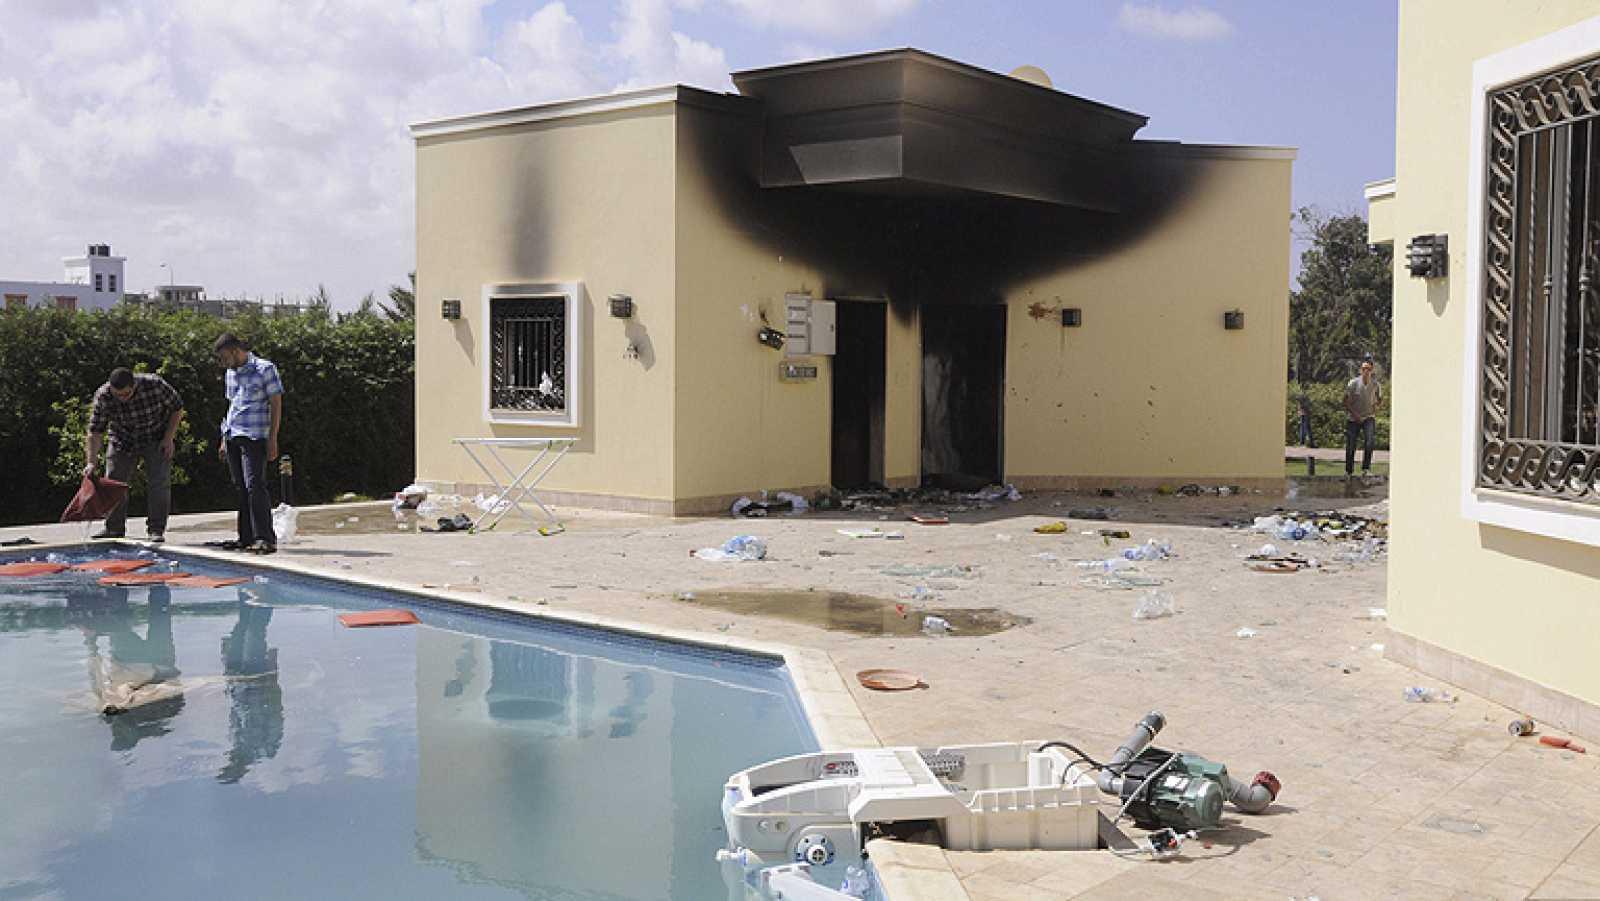 EE.UU. cree que el ataque contra su embajada en Libia fue planeado